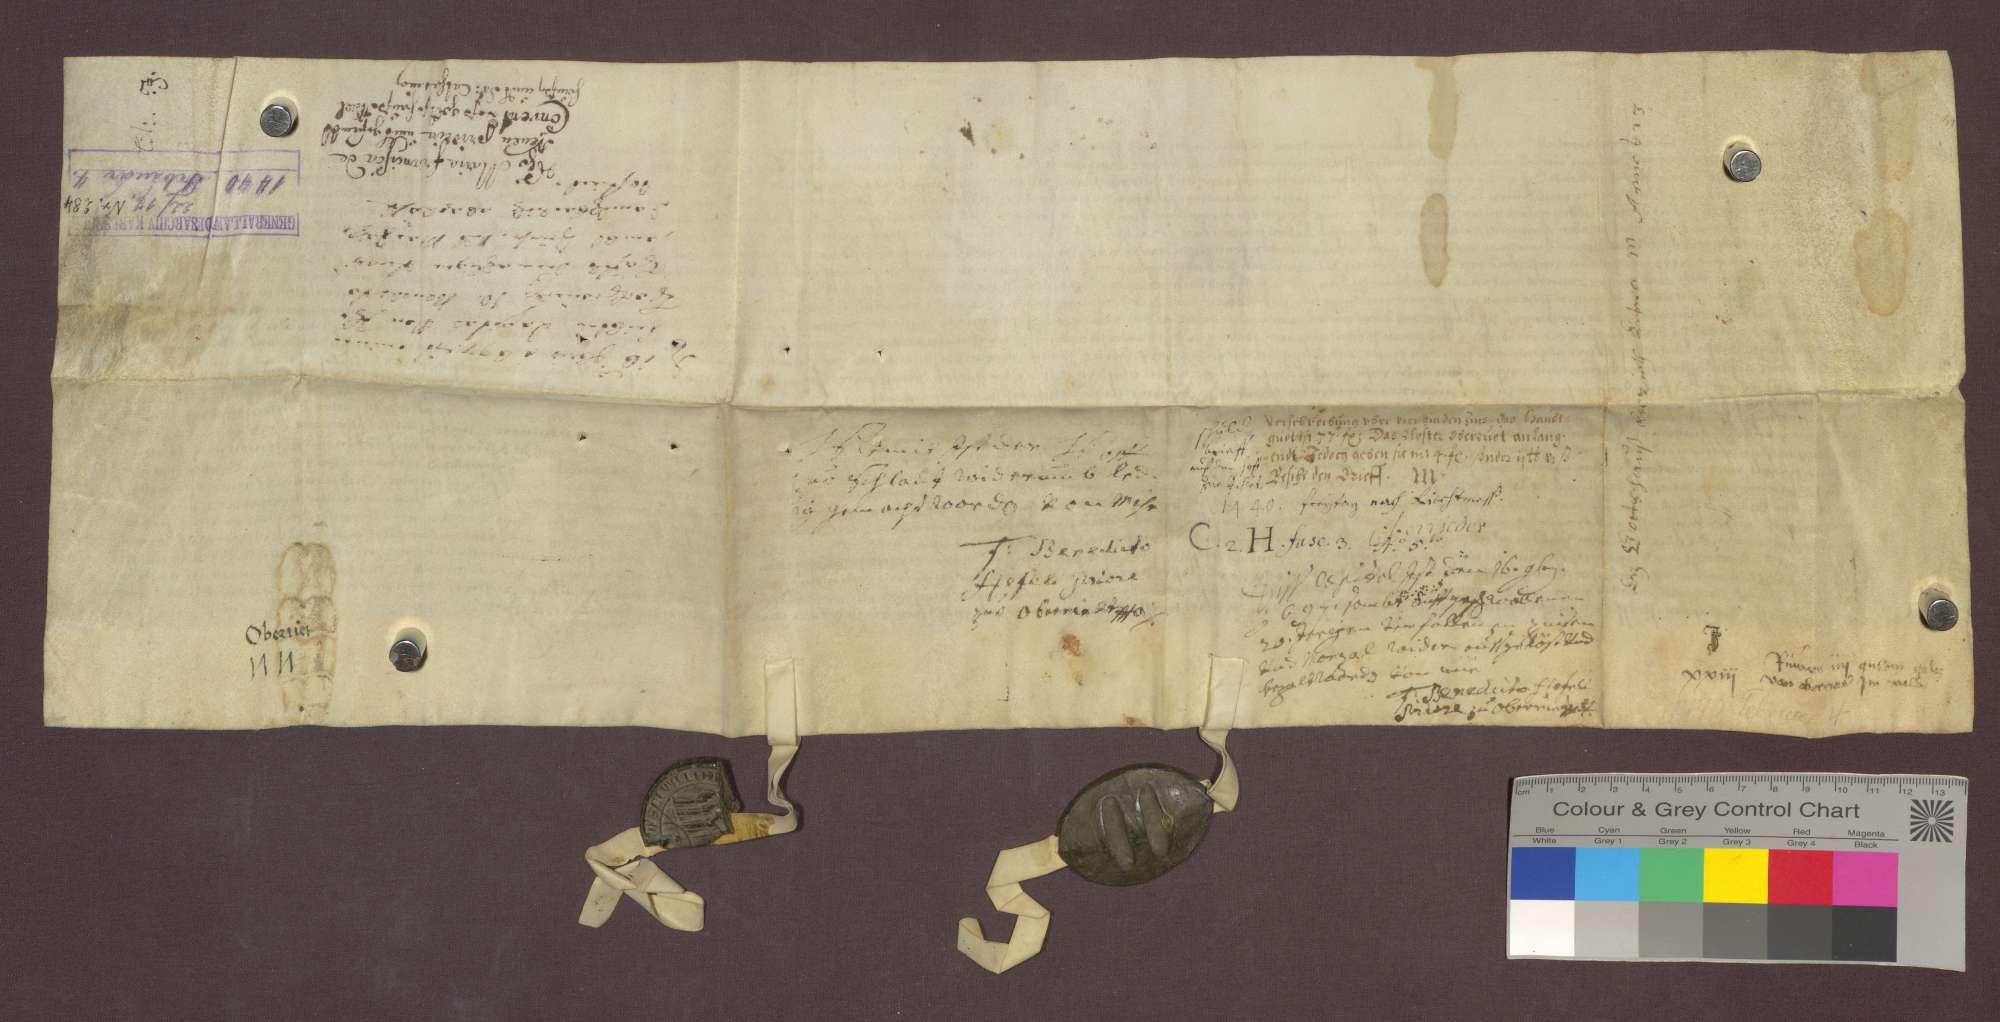 Das Kloster zu Oberried im Wald verkauft dem Kloster der Reuerinnen zu Freiburg einen Zins von 4 Gulden von des Klosters Hof und Gütern zu Schlatt um 77 Gulden., Bild 2